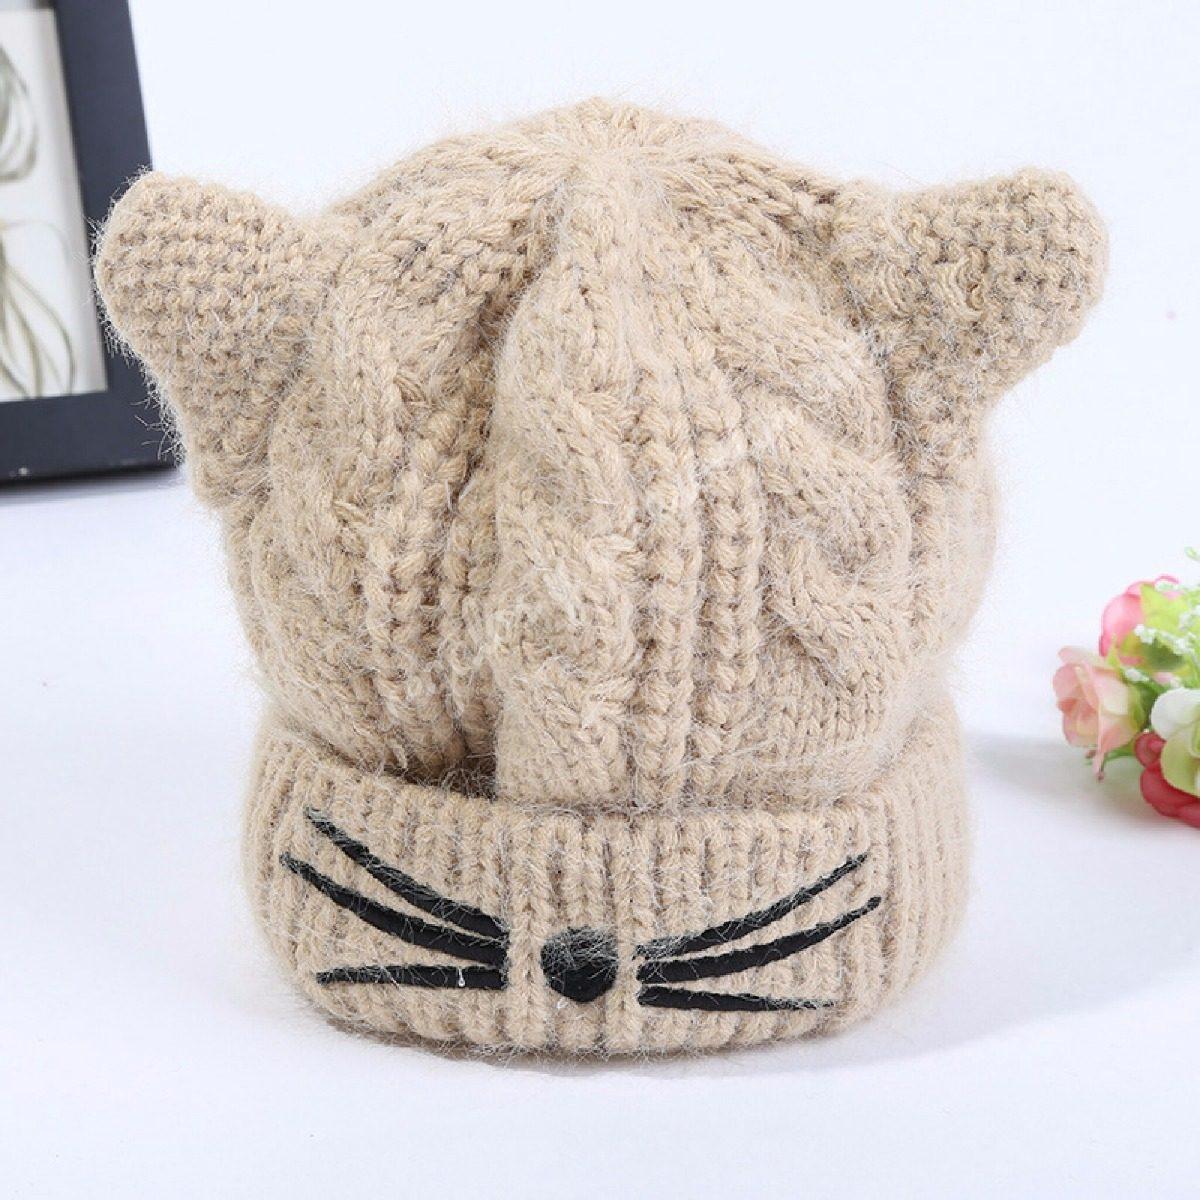 Gorro Orejas De Gato Tejido Cute-kawaii Mujer Niñas - $ 350.00 en ...